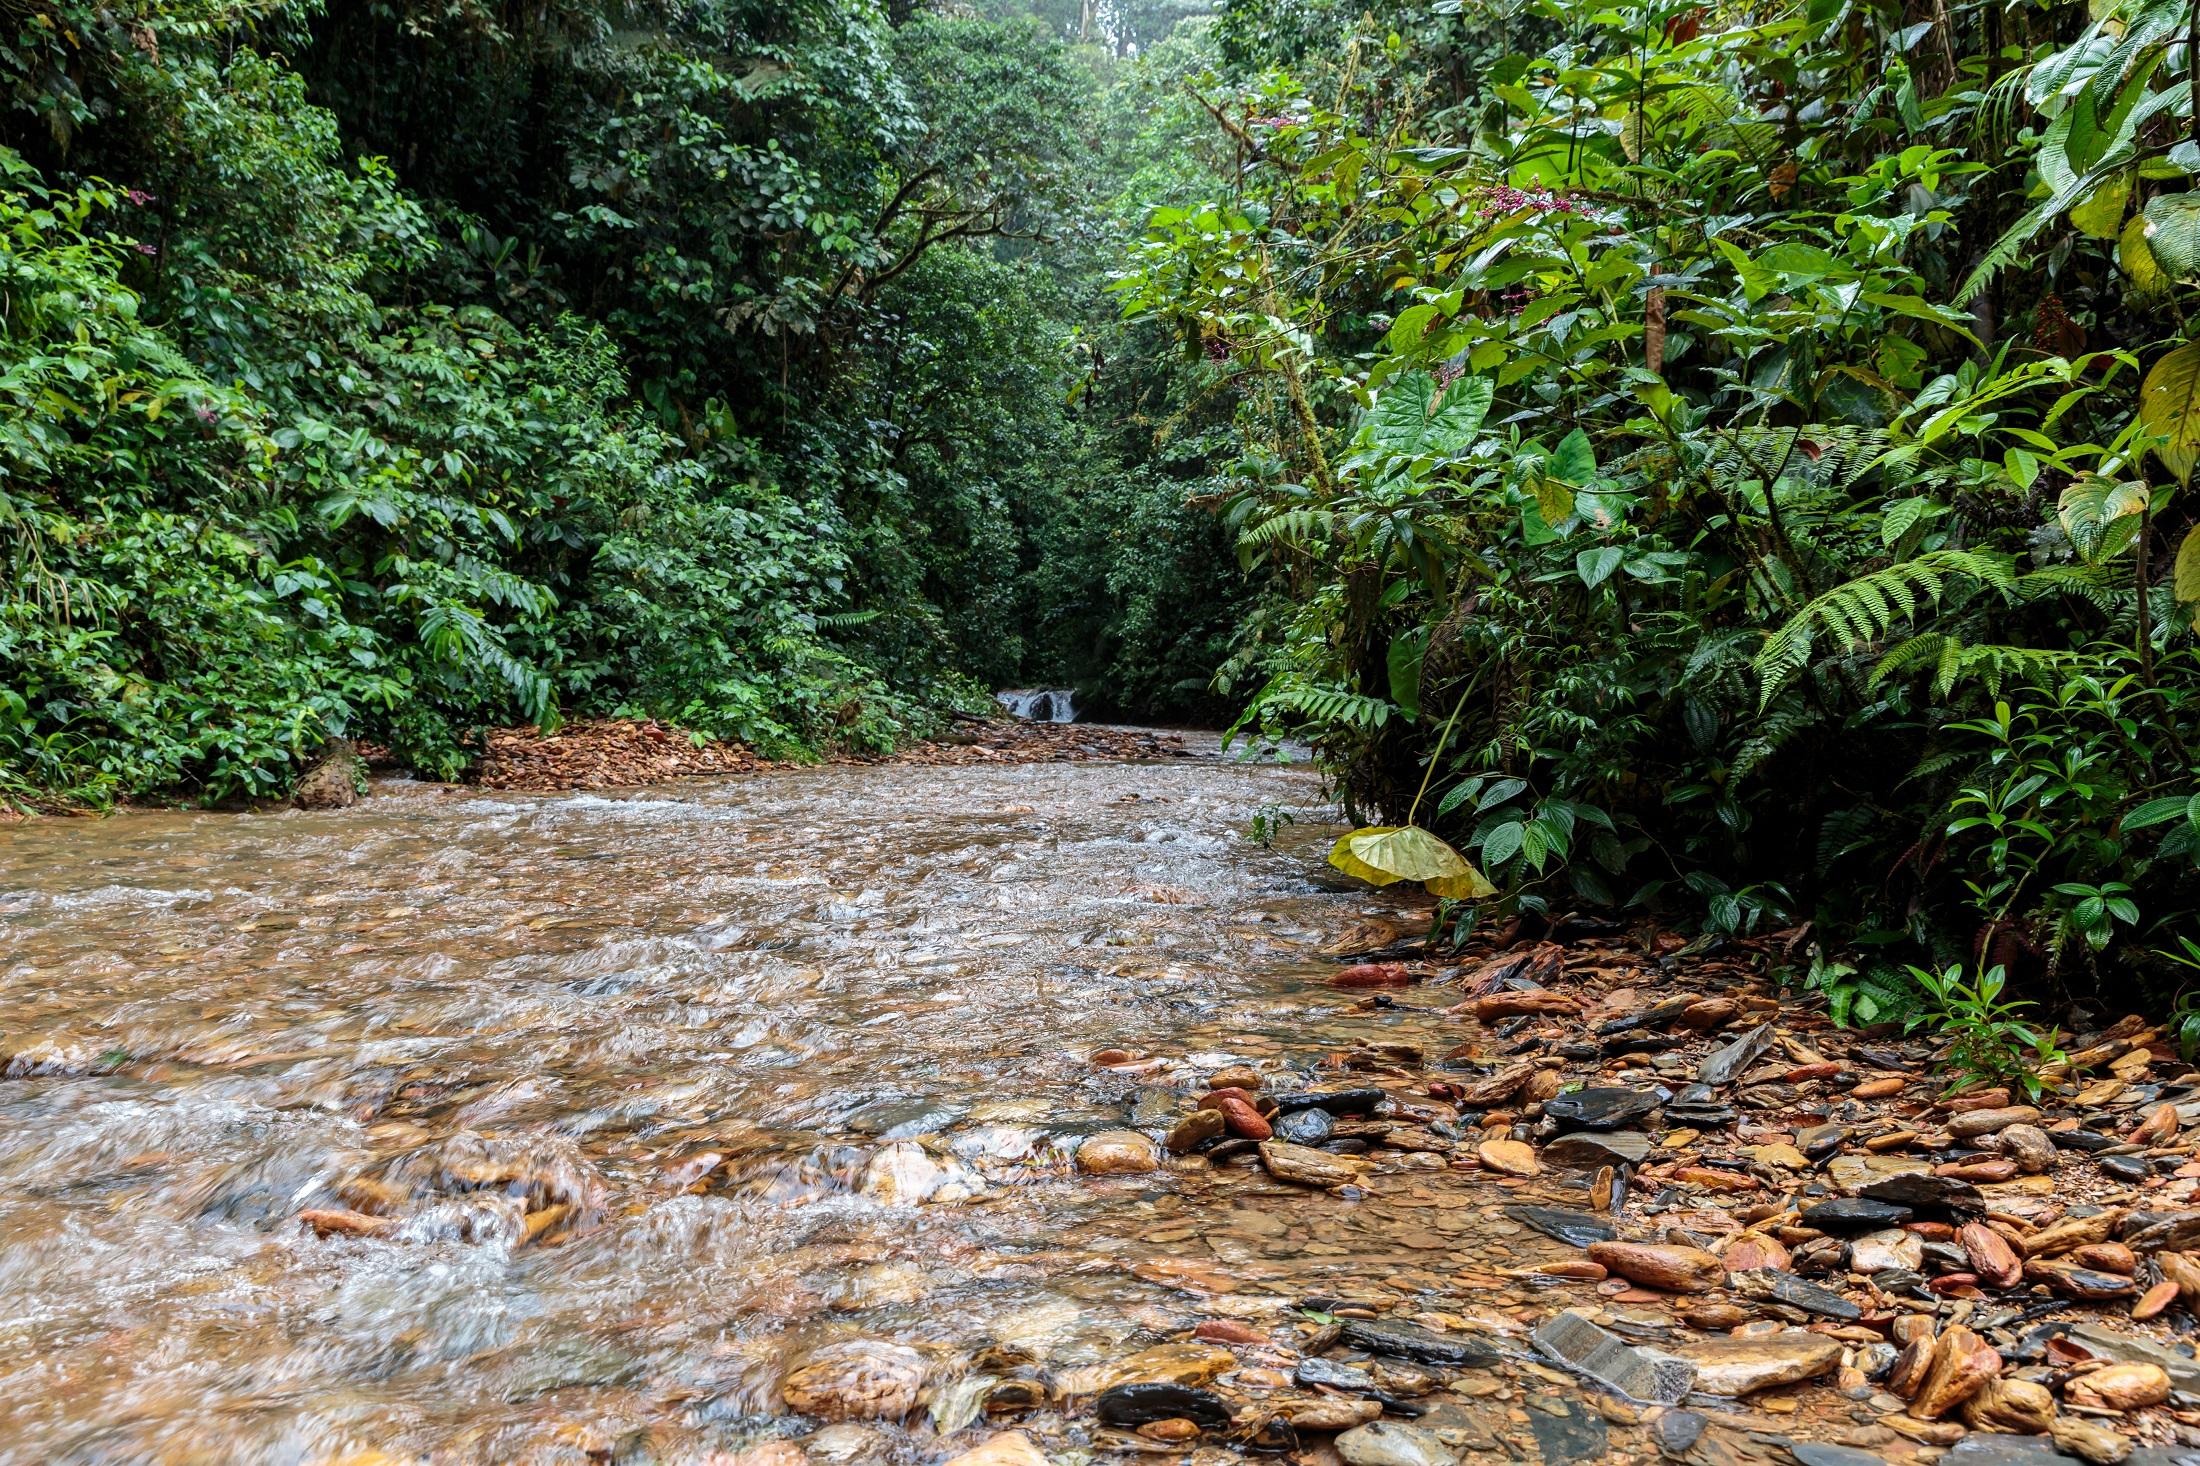 La nueva Reserva de la Biósfera es un gran reservorio de agua. En ella se encuentran cinco cuencas hídricas que aportan agua a poblaciones dentro y fuera de la reserva. Foto: Sebastián Crespo - CONDESAN.